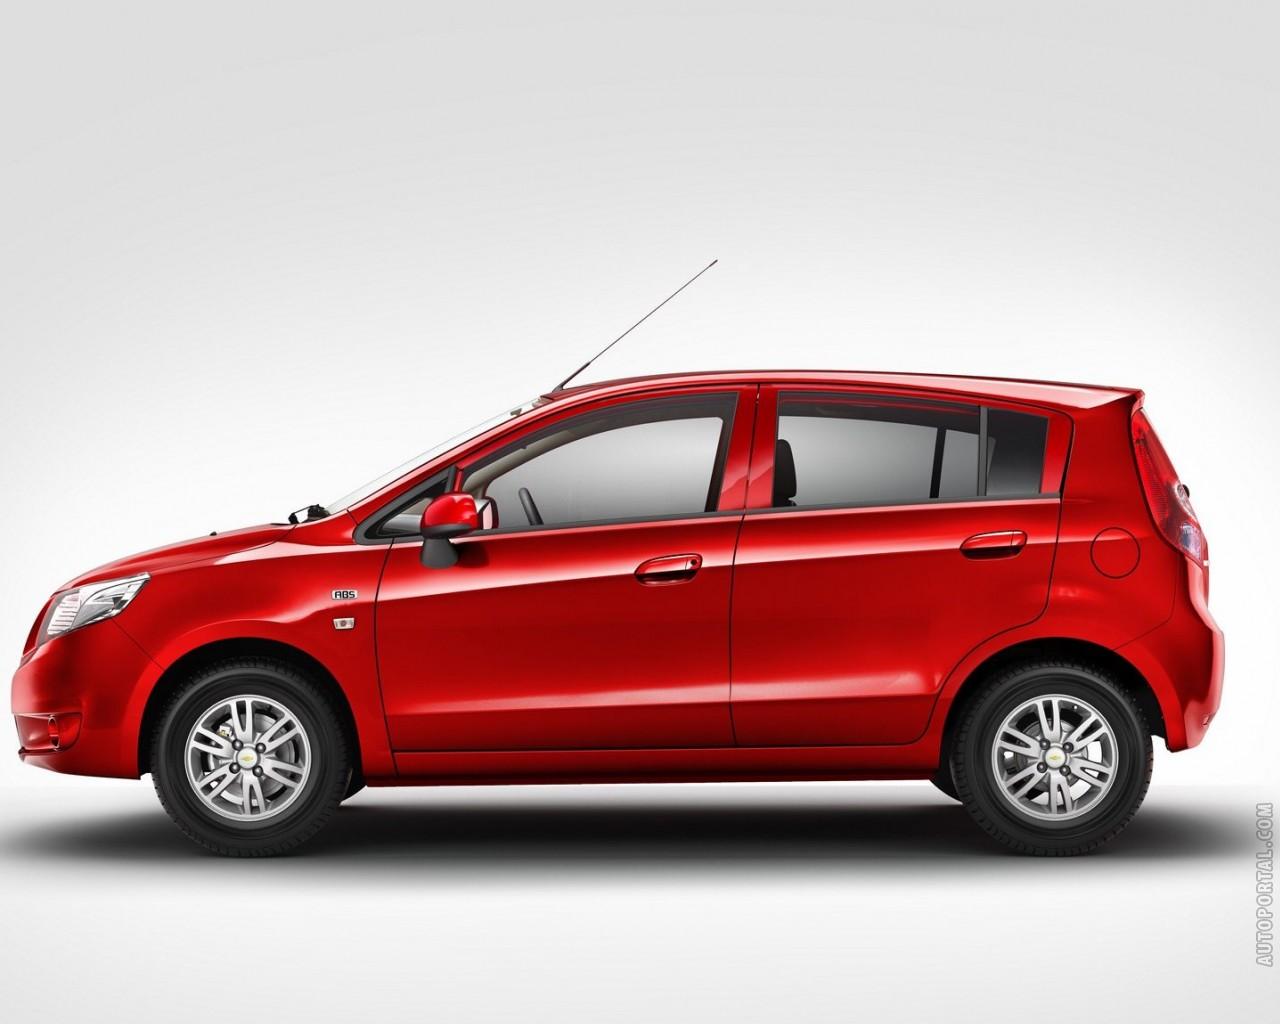 Chevrolet Sail U Va Petrol Ls Price In India Features